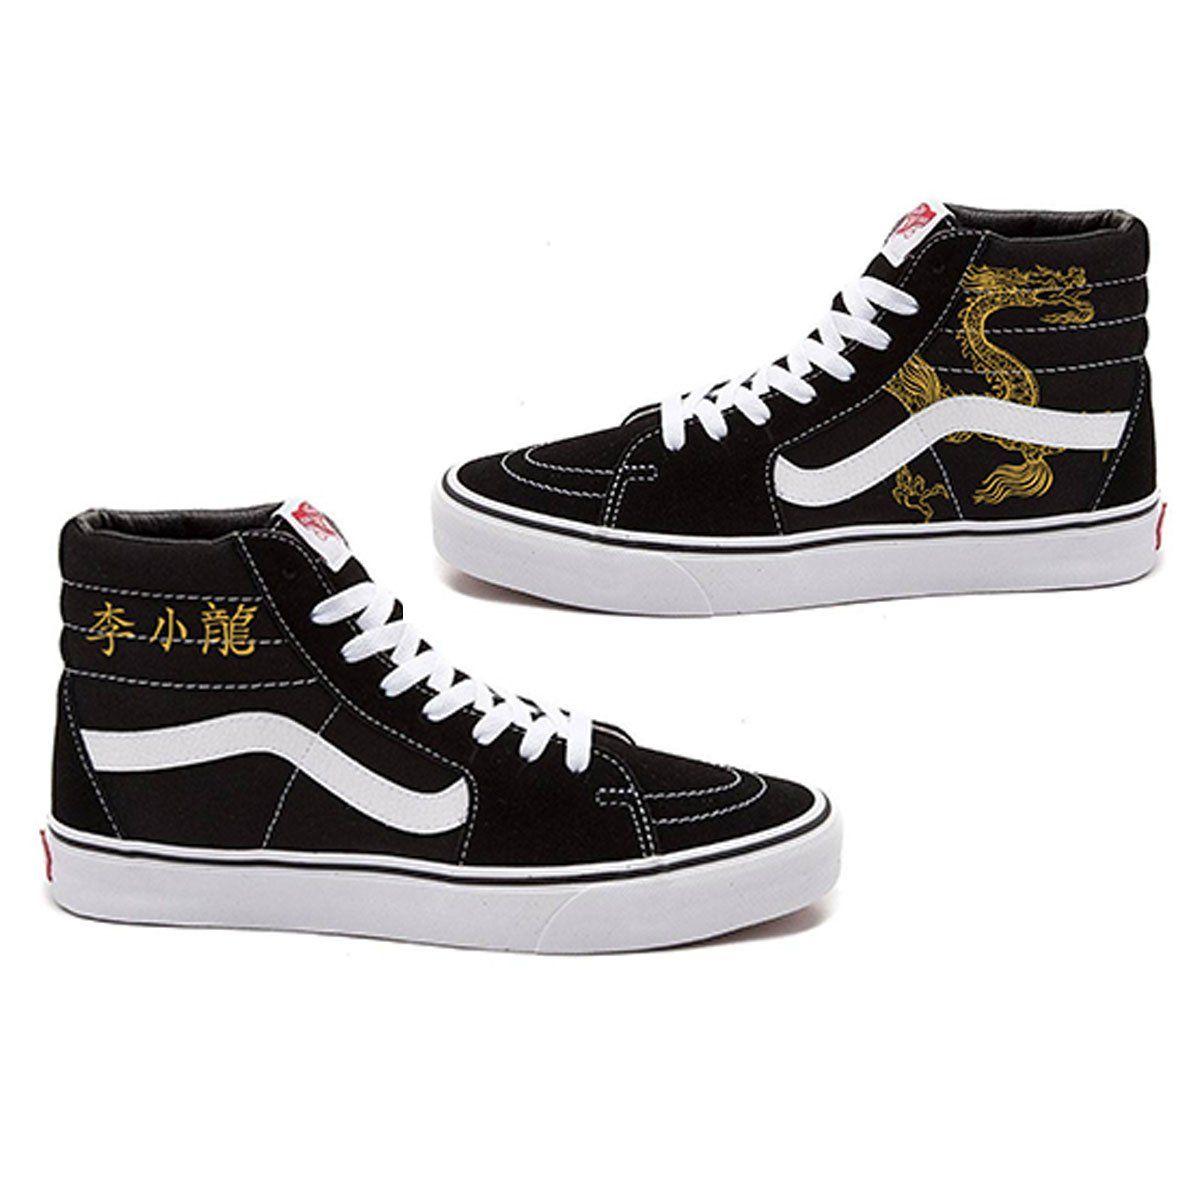 Lee Little Dragon Vans Slip-On Sneakers